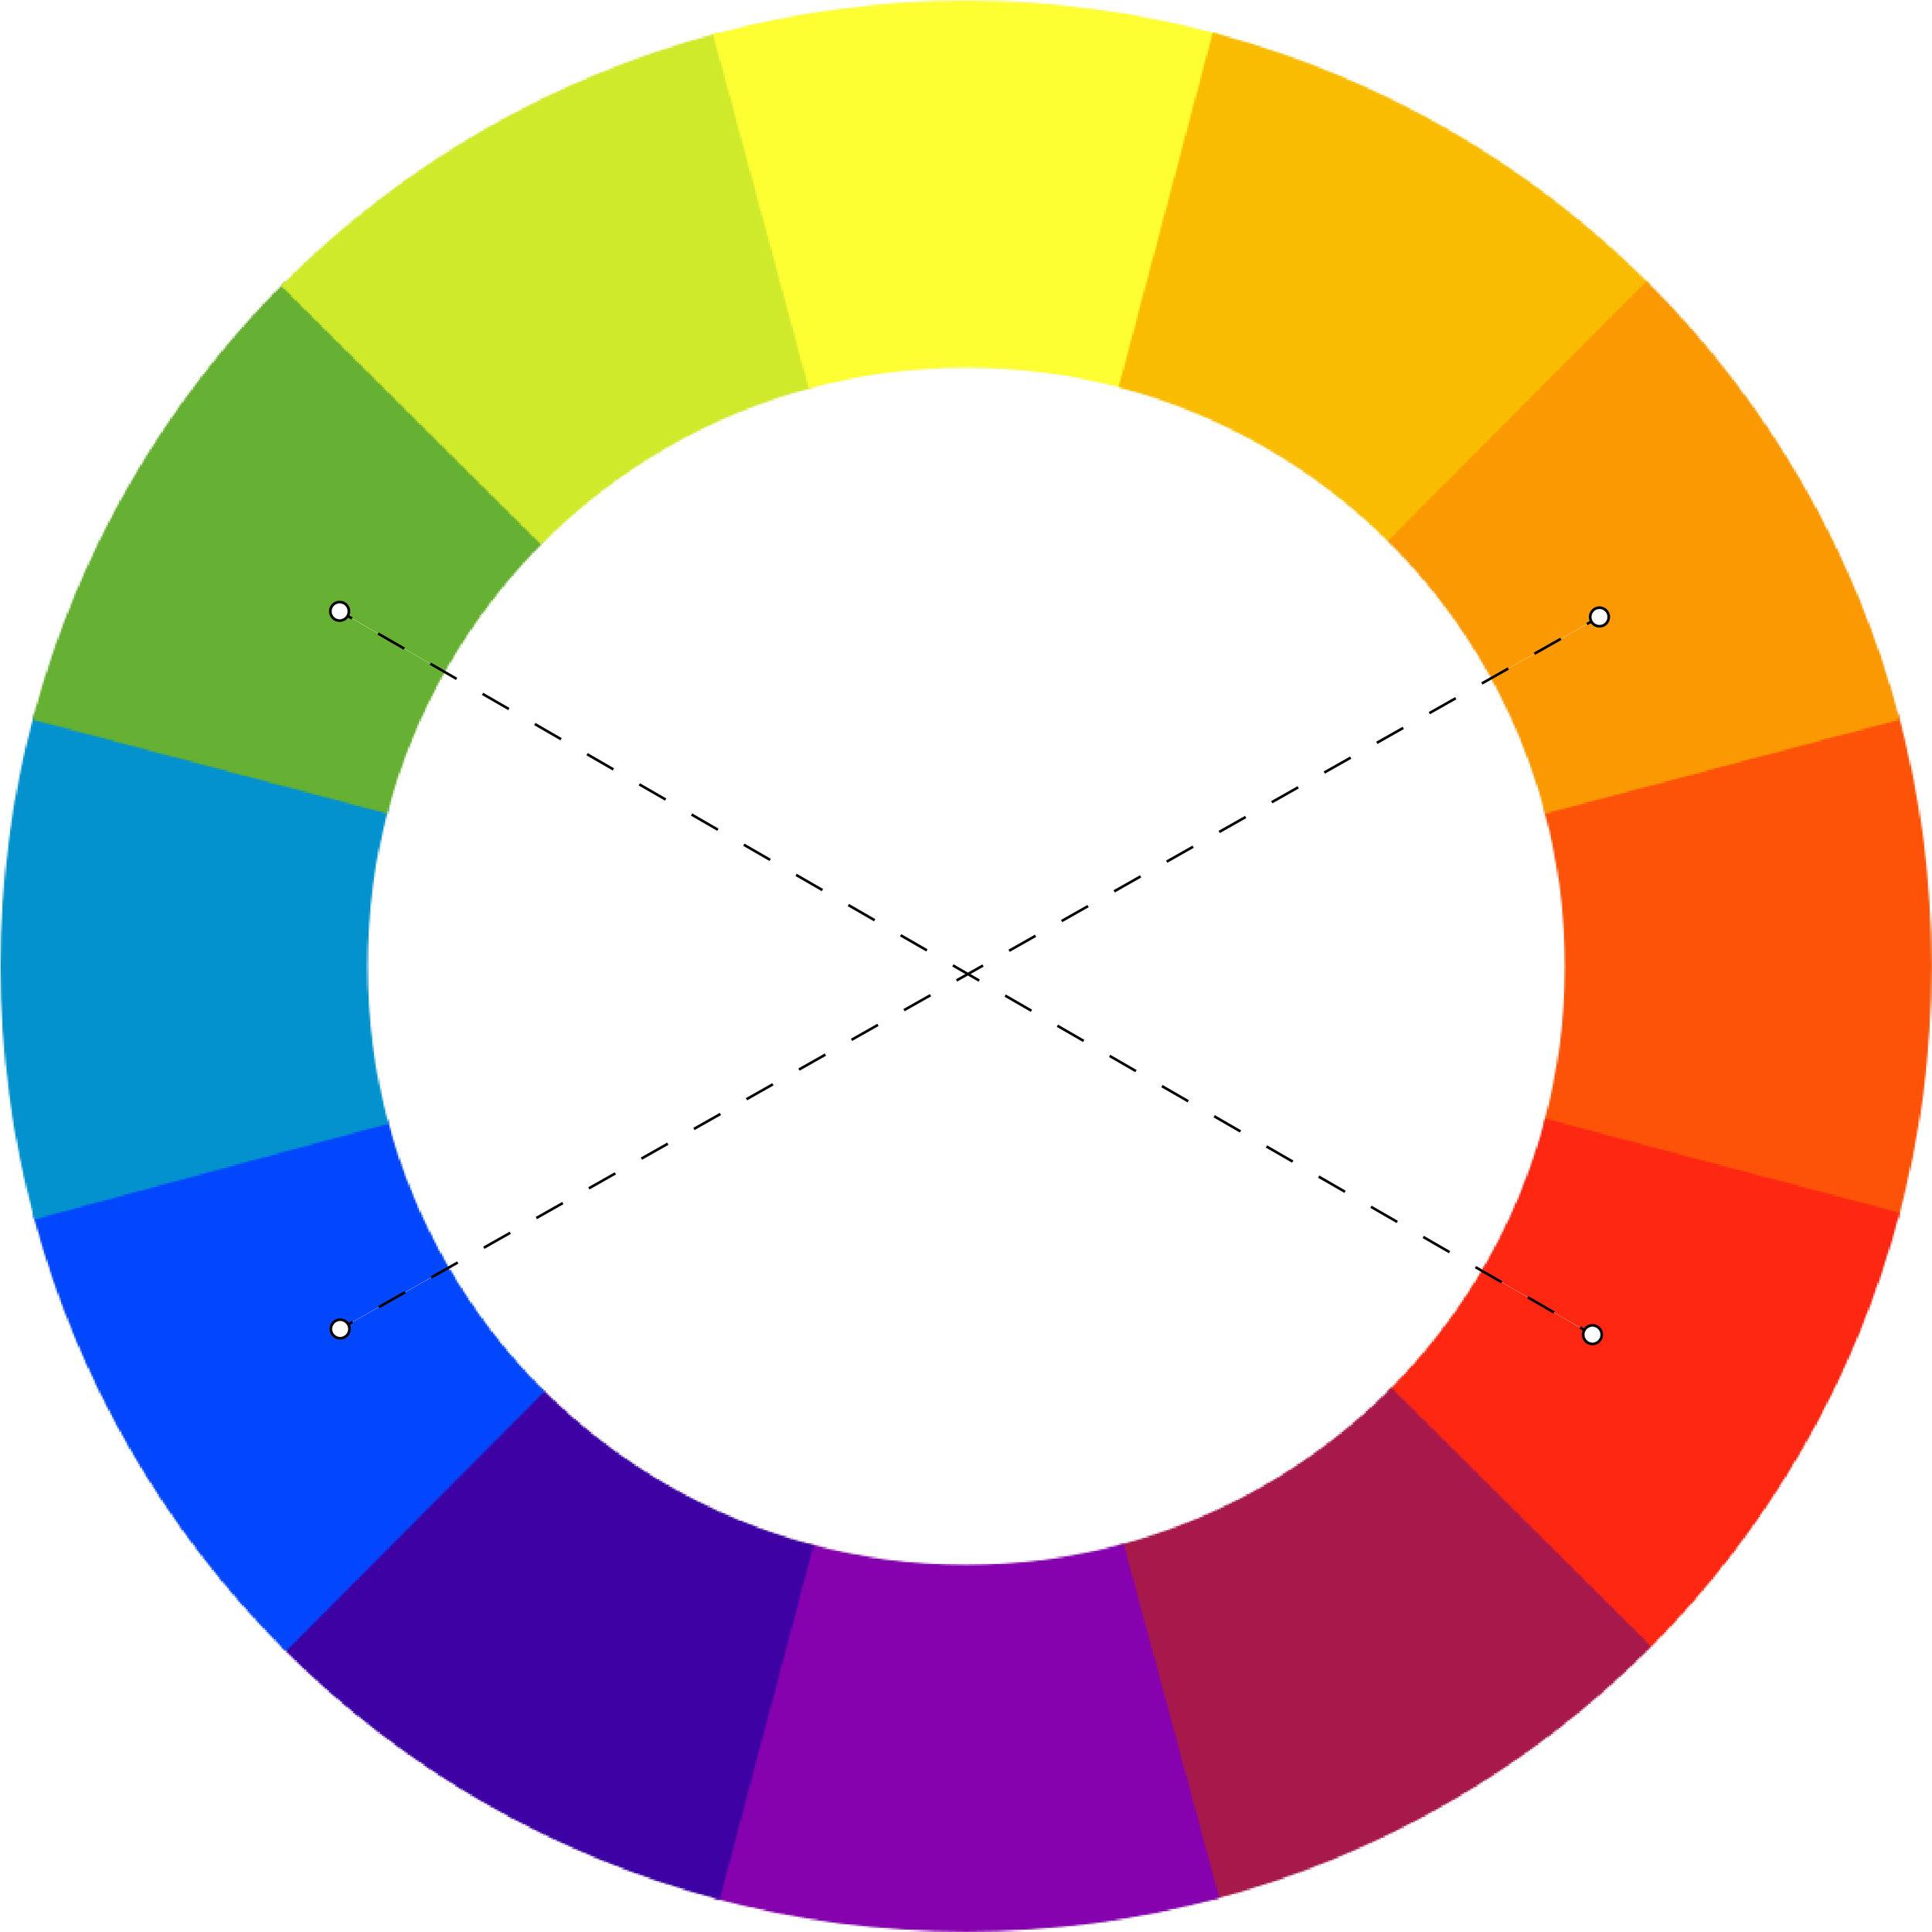 Roue chromatique des couleurs complémentaires : le bleu et le orange sont des couleurs complémentaires par exemple